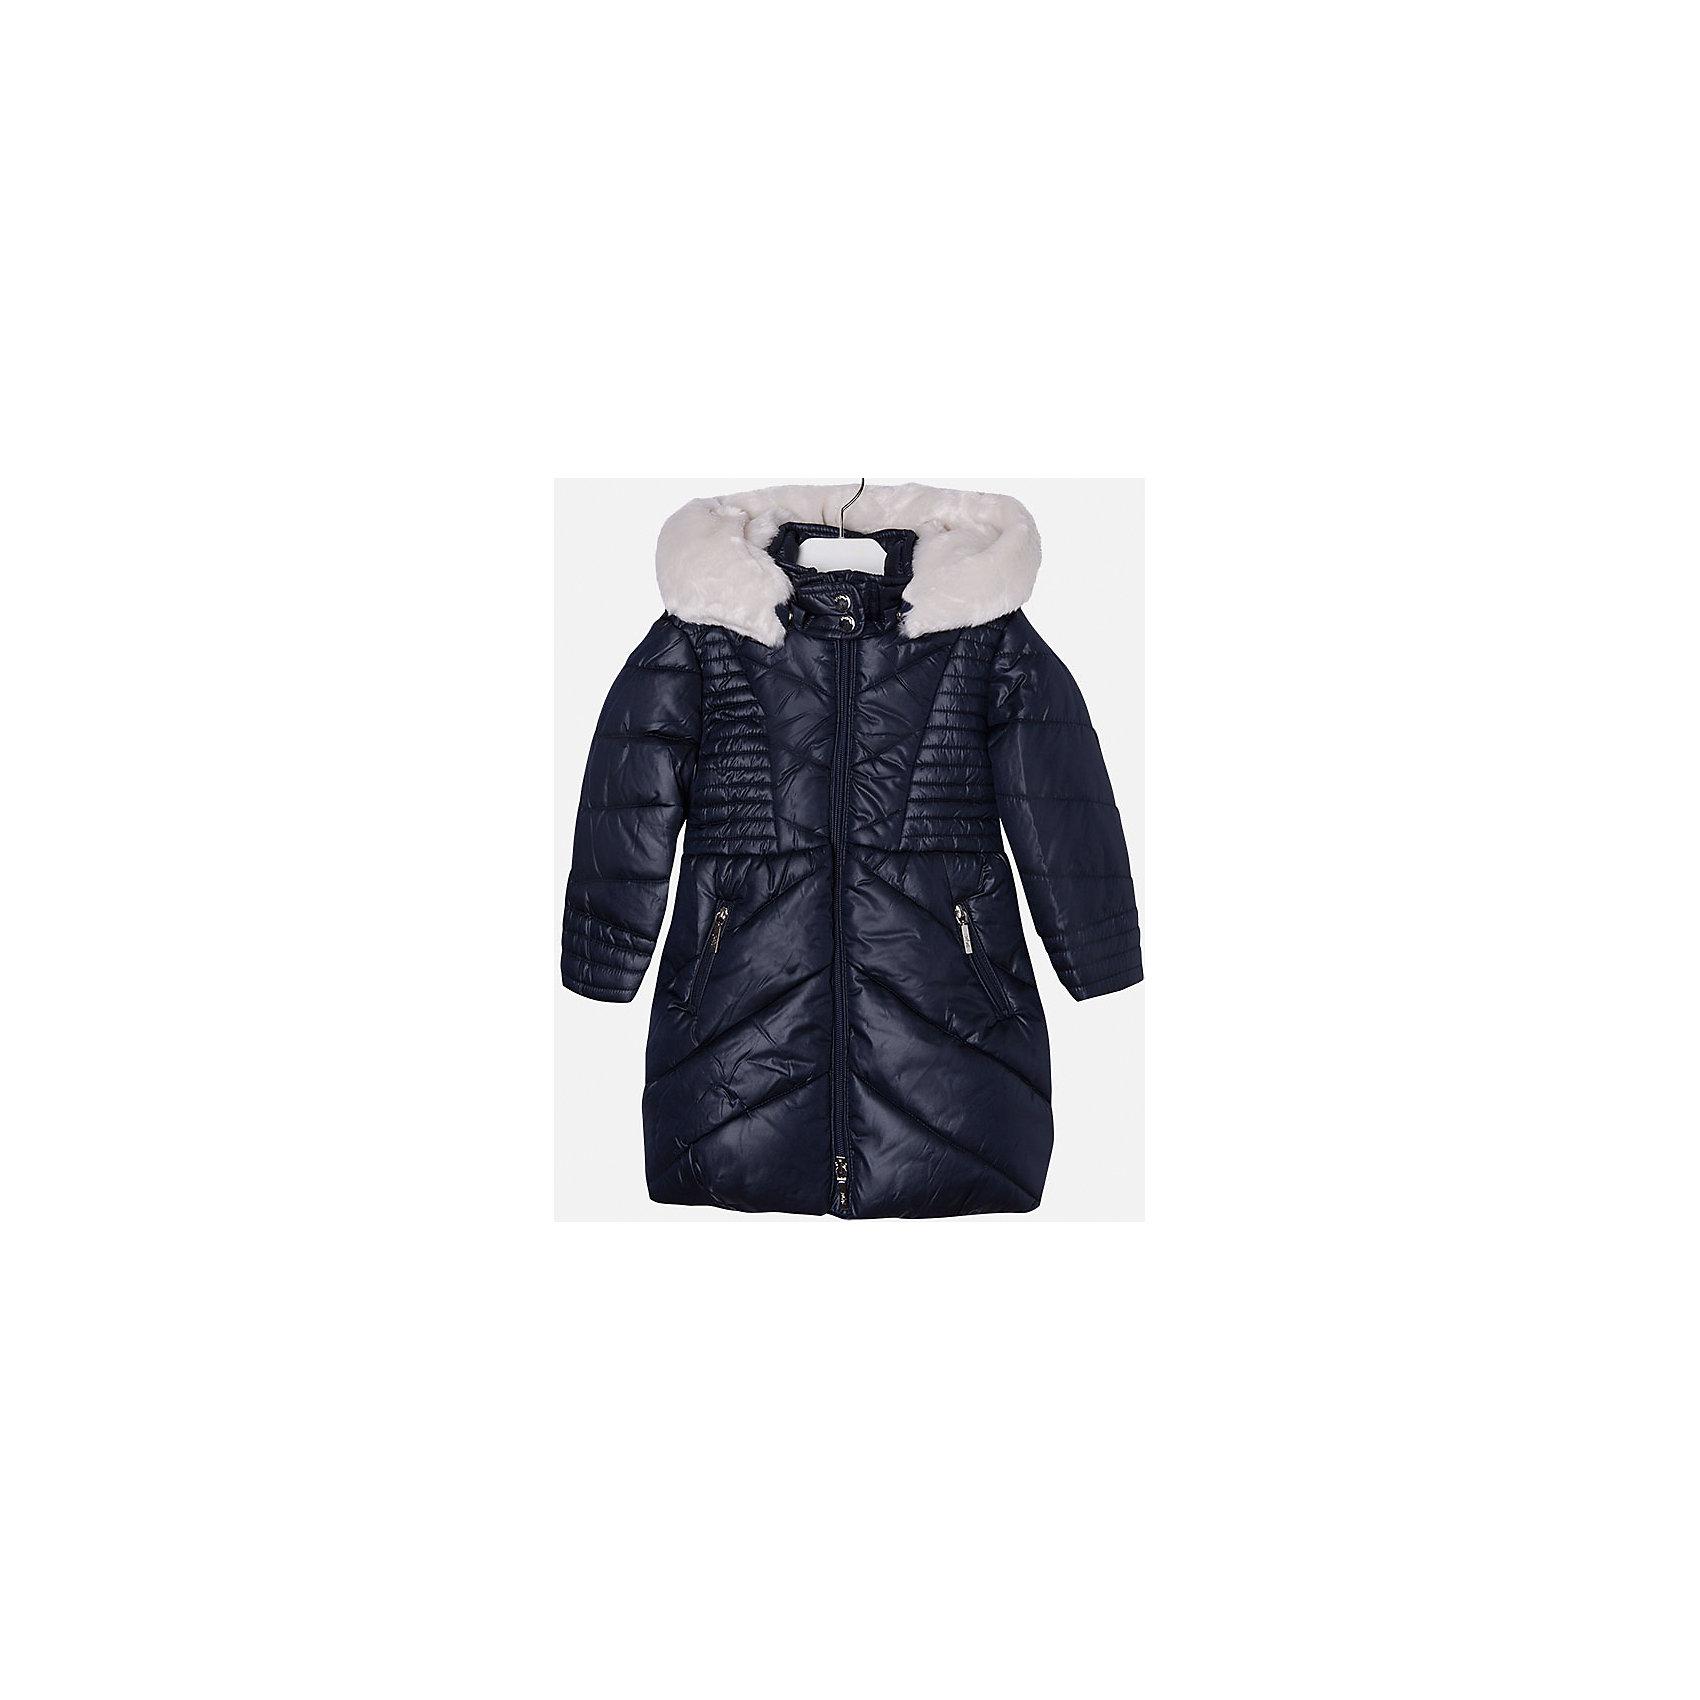 Куртка для девочки MayoralВерхняя одежда<br>Куртка для девочки от популярного испанского бренда Mayoral(майорал). Модель с приталенным силуэтом, застегивается на молнию. Есть большой капюшон с искусственным мехом и кнопками, 2 кармана по бокам. С этой курткой девочке будет тепло и комфортно во время прогулок!<br><br>Дополнительная информация:<br>Состав: 100% полиэстер<br>Цвет: темно-синий<br>Вы можете приобрести куртку Mayoral(Майорал) в нашем интернет-магазине.<br><br>Ширина мм: 356<br>Глубина мм: 10<br>Высота мм: 245<br>Вес г: 519<br>Цвет: синий<br>Возраст от месяцев: 60<br>Возраст до месяцев: 72<br>Пол: Женский<br>Возраст: Детский<br>Размер: 116,104,122,128,134,110,98<br>SKU: 4843874